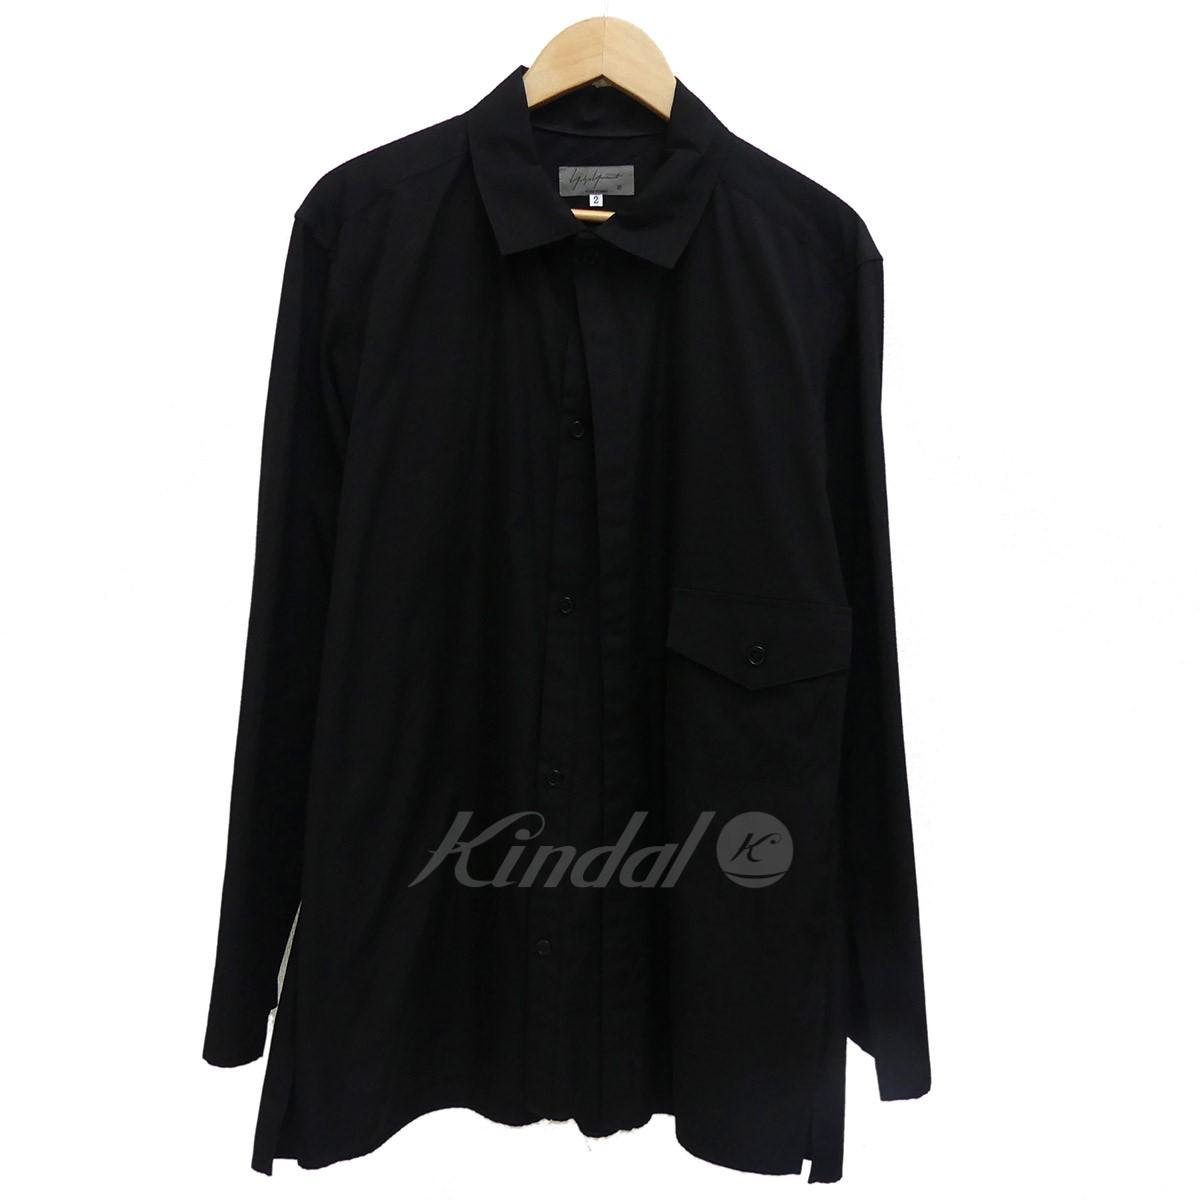 【中古】YOHJI YAMAMOTO pour homme ダブルフロント長袖シャツ 2018SS ブラック サイズ:2 【送料無料】 【221018】(ヨウジヤマモトプールオム)